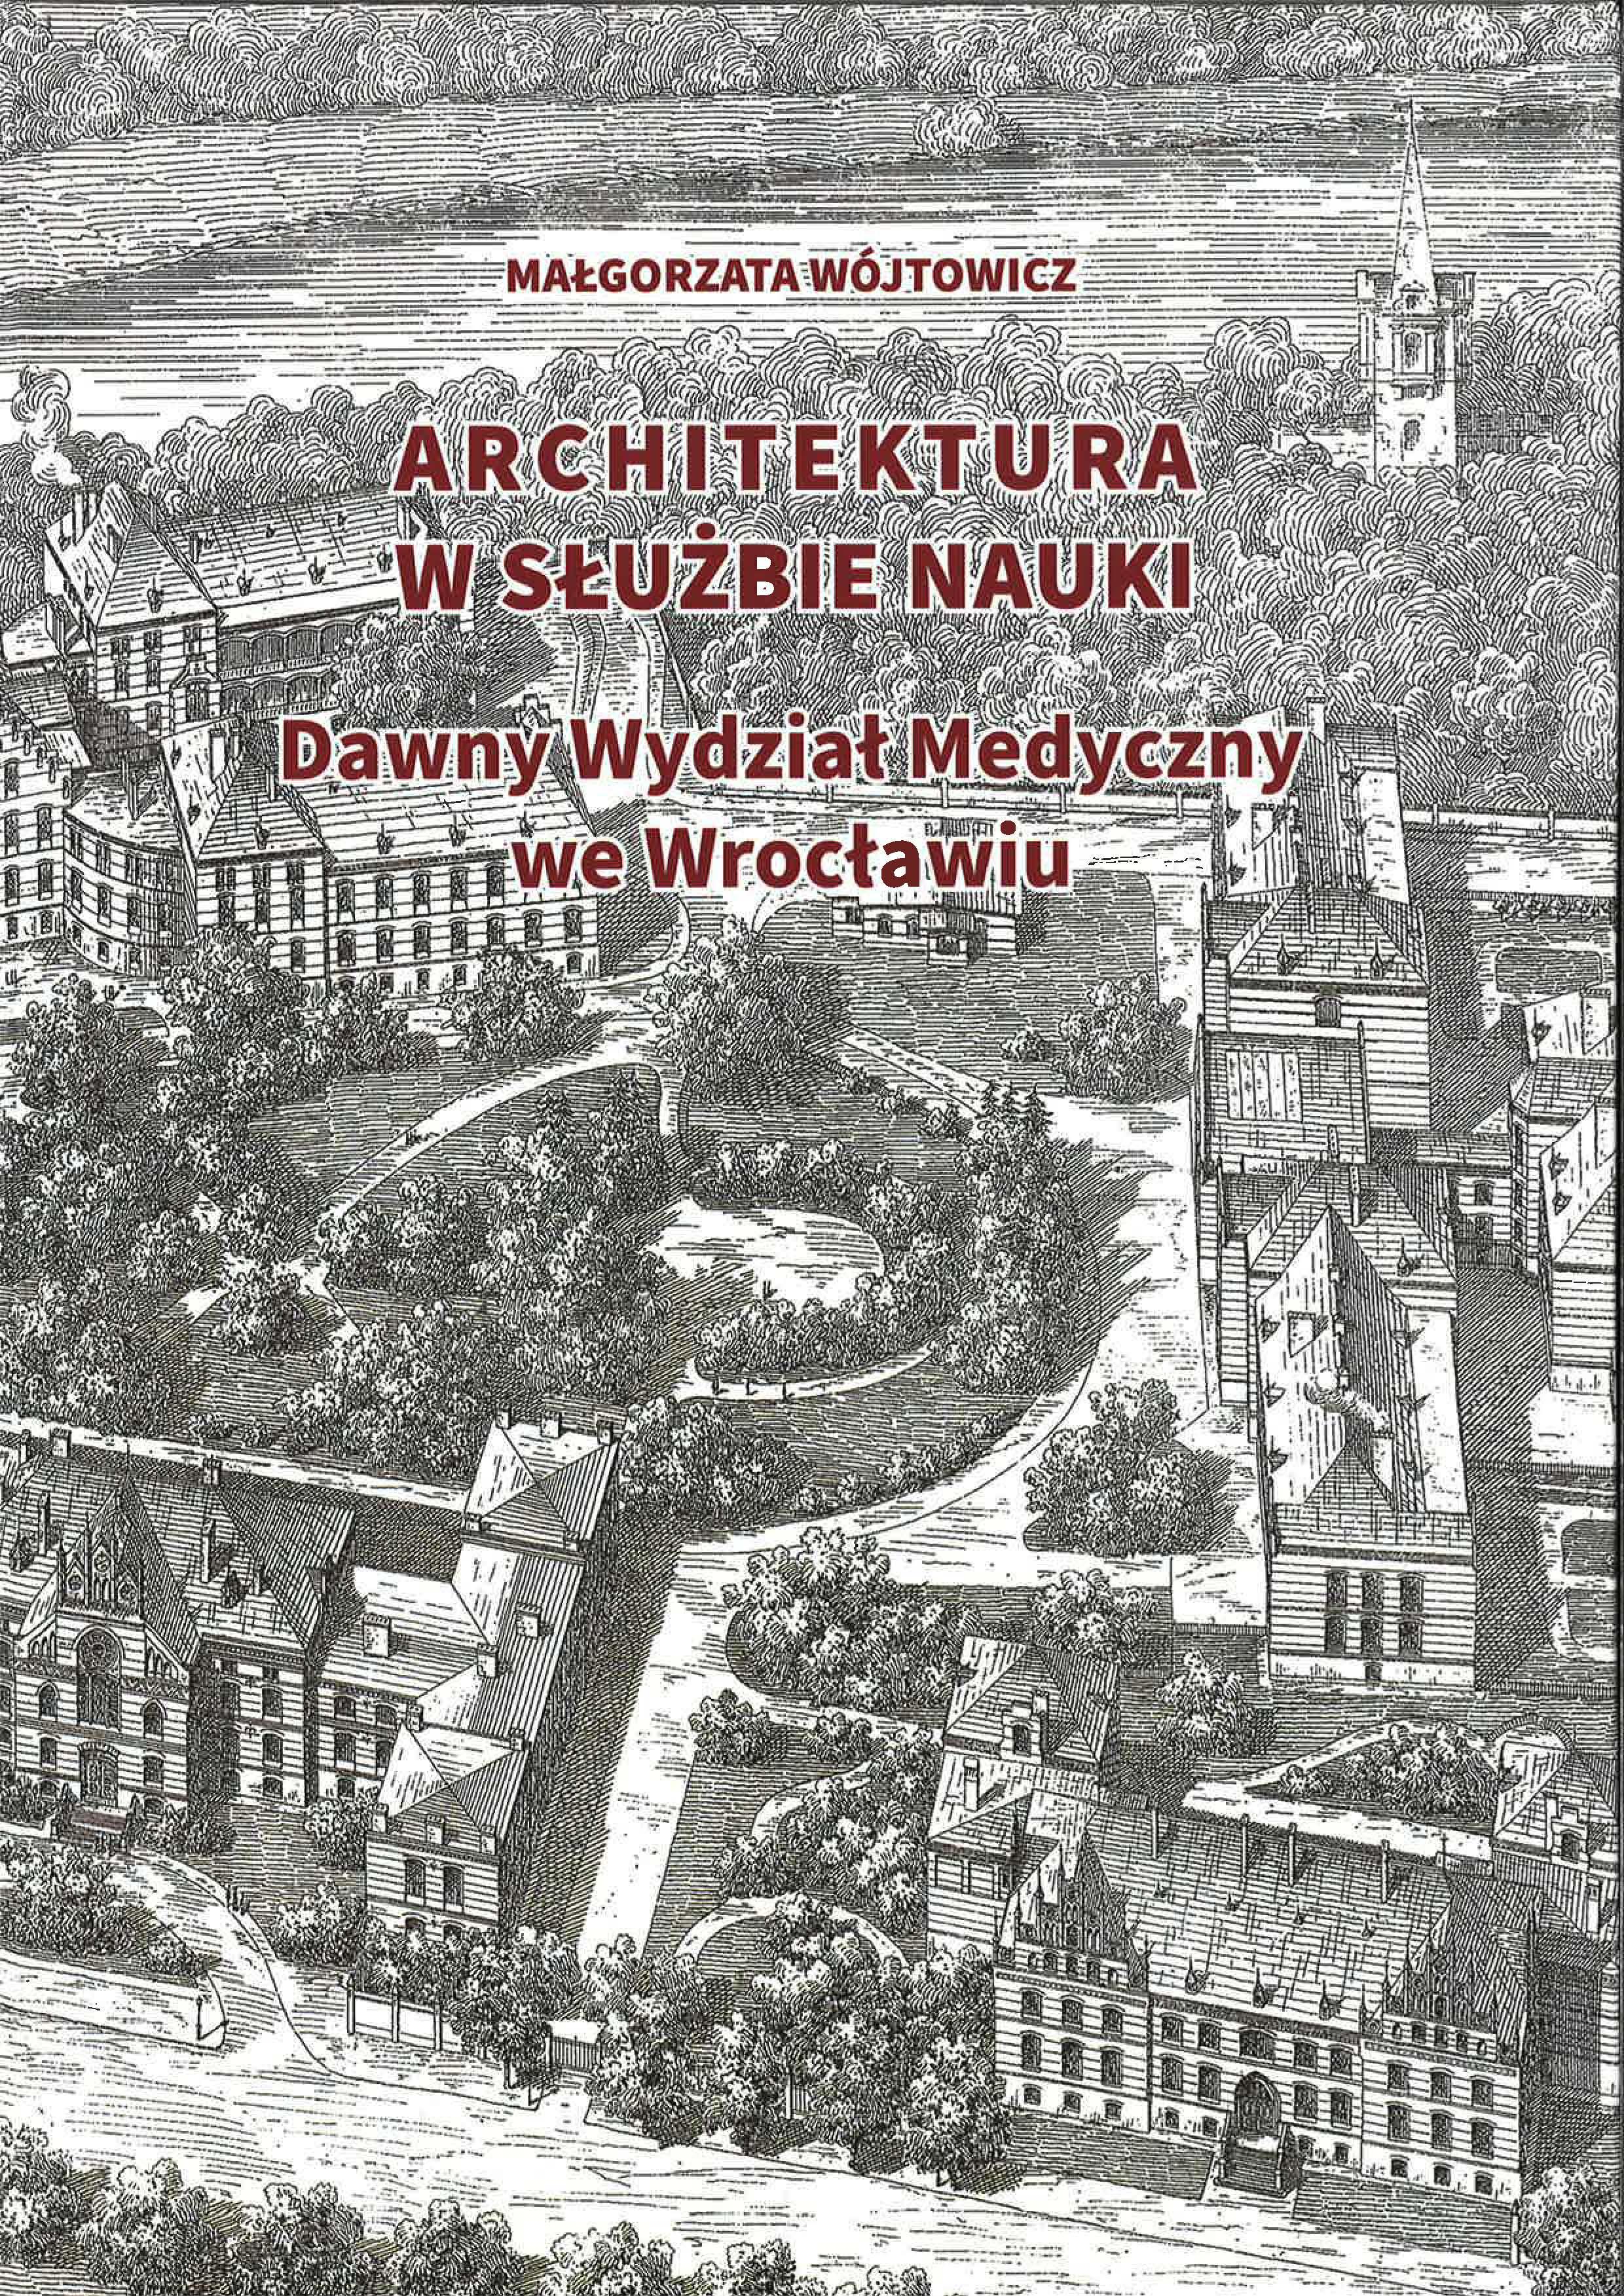 Architektura w służbie nauki. Dawny Wydział Medyczny we Wrocławiu